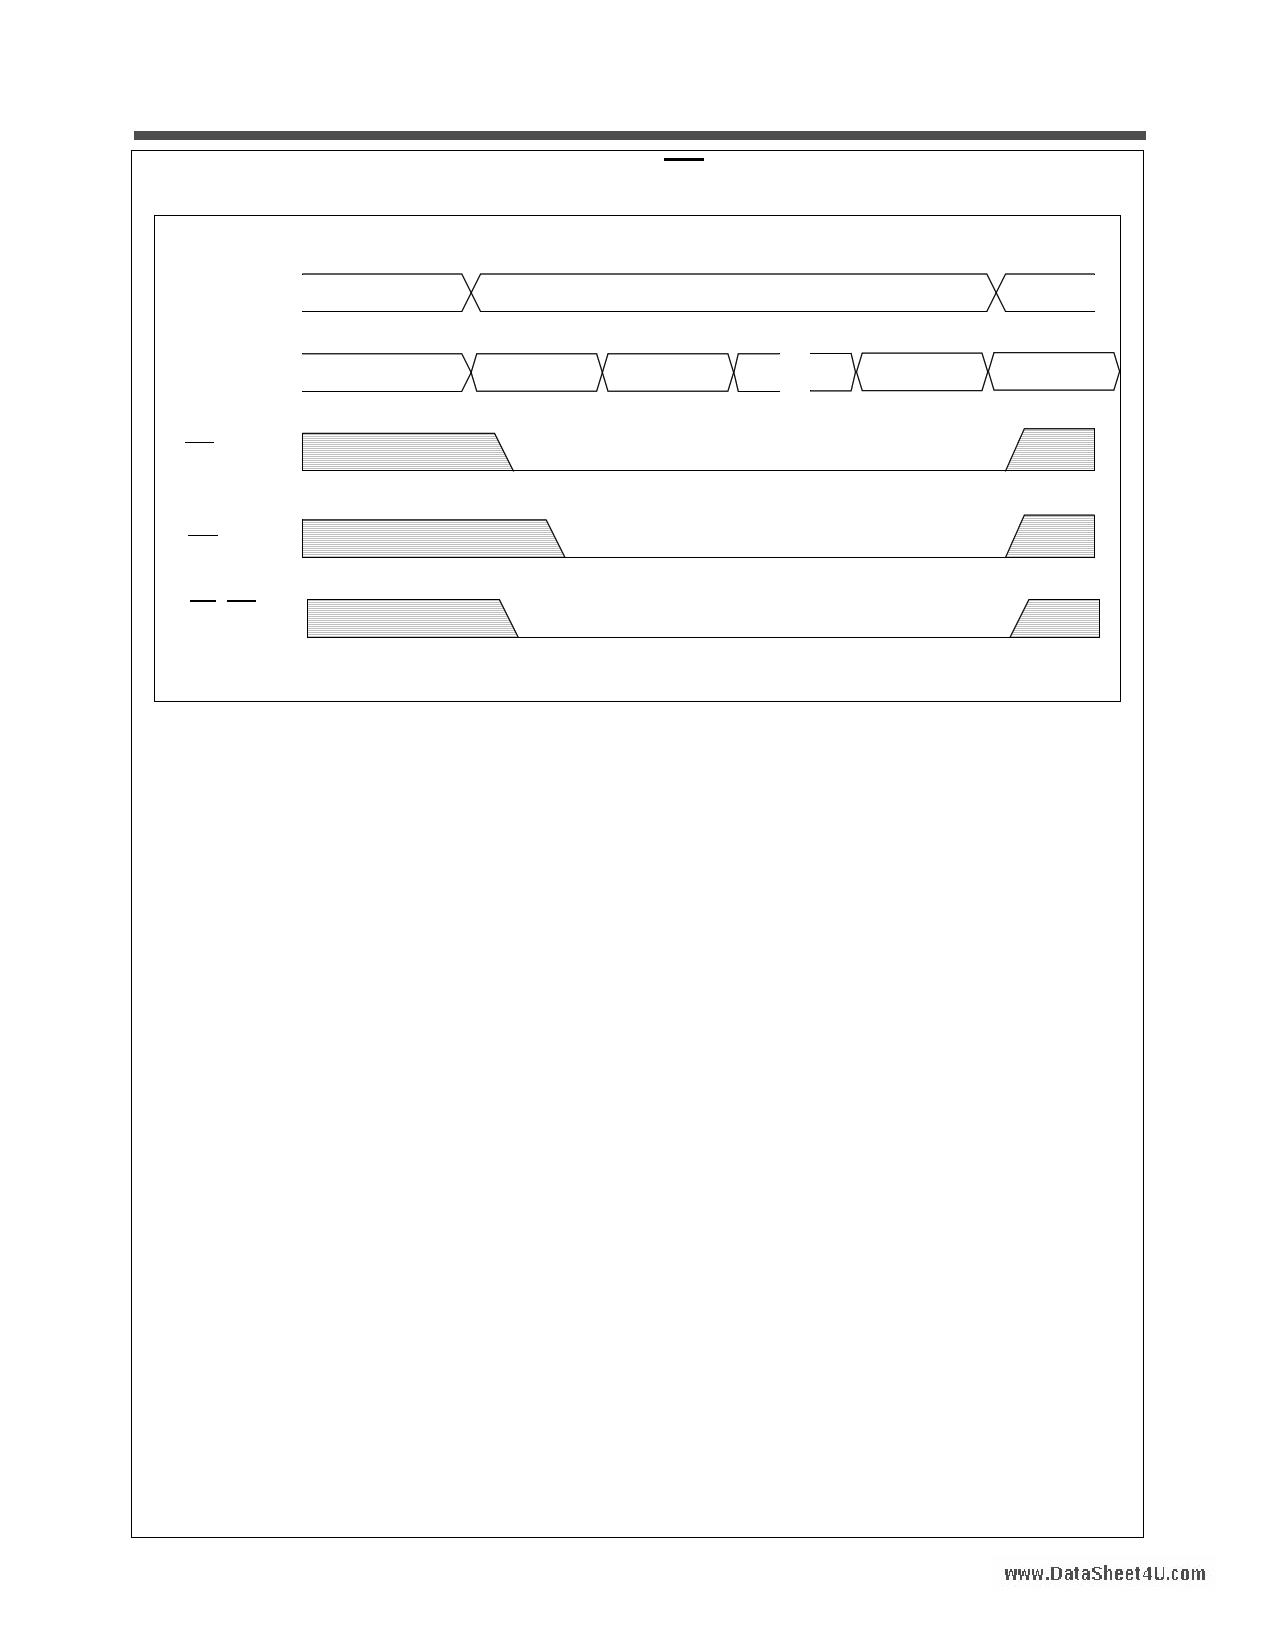 N02L6181A pdf